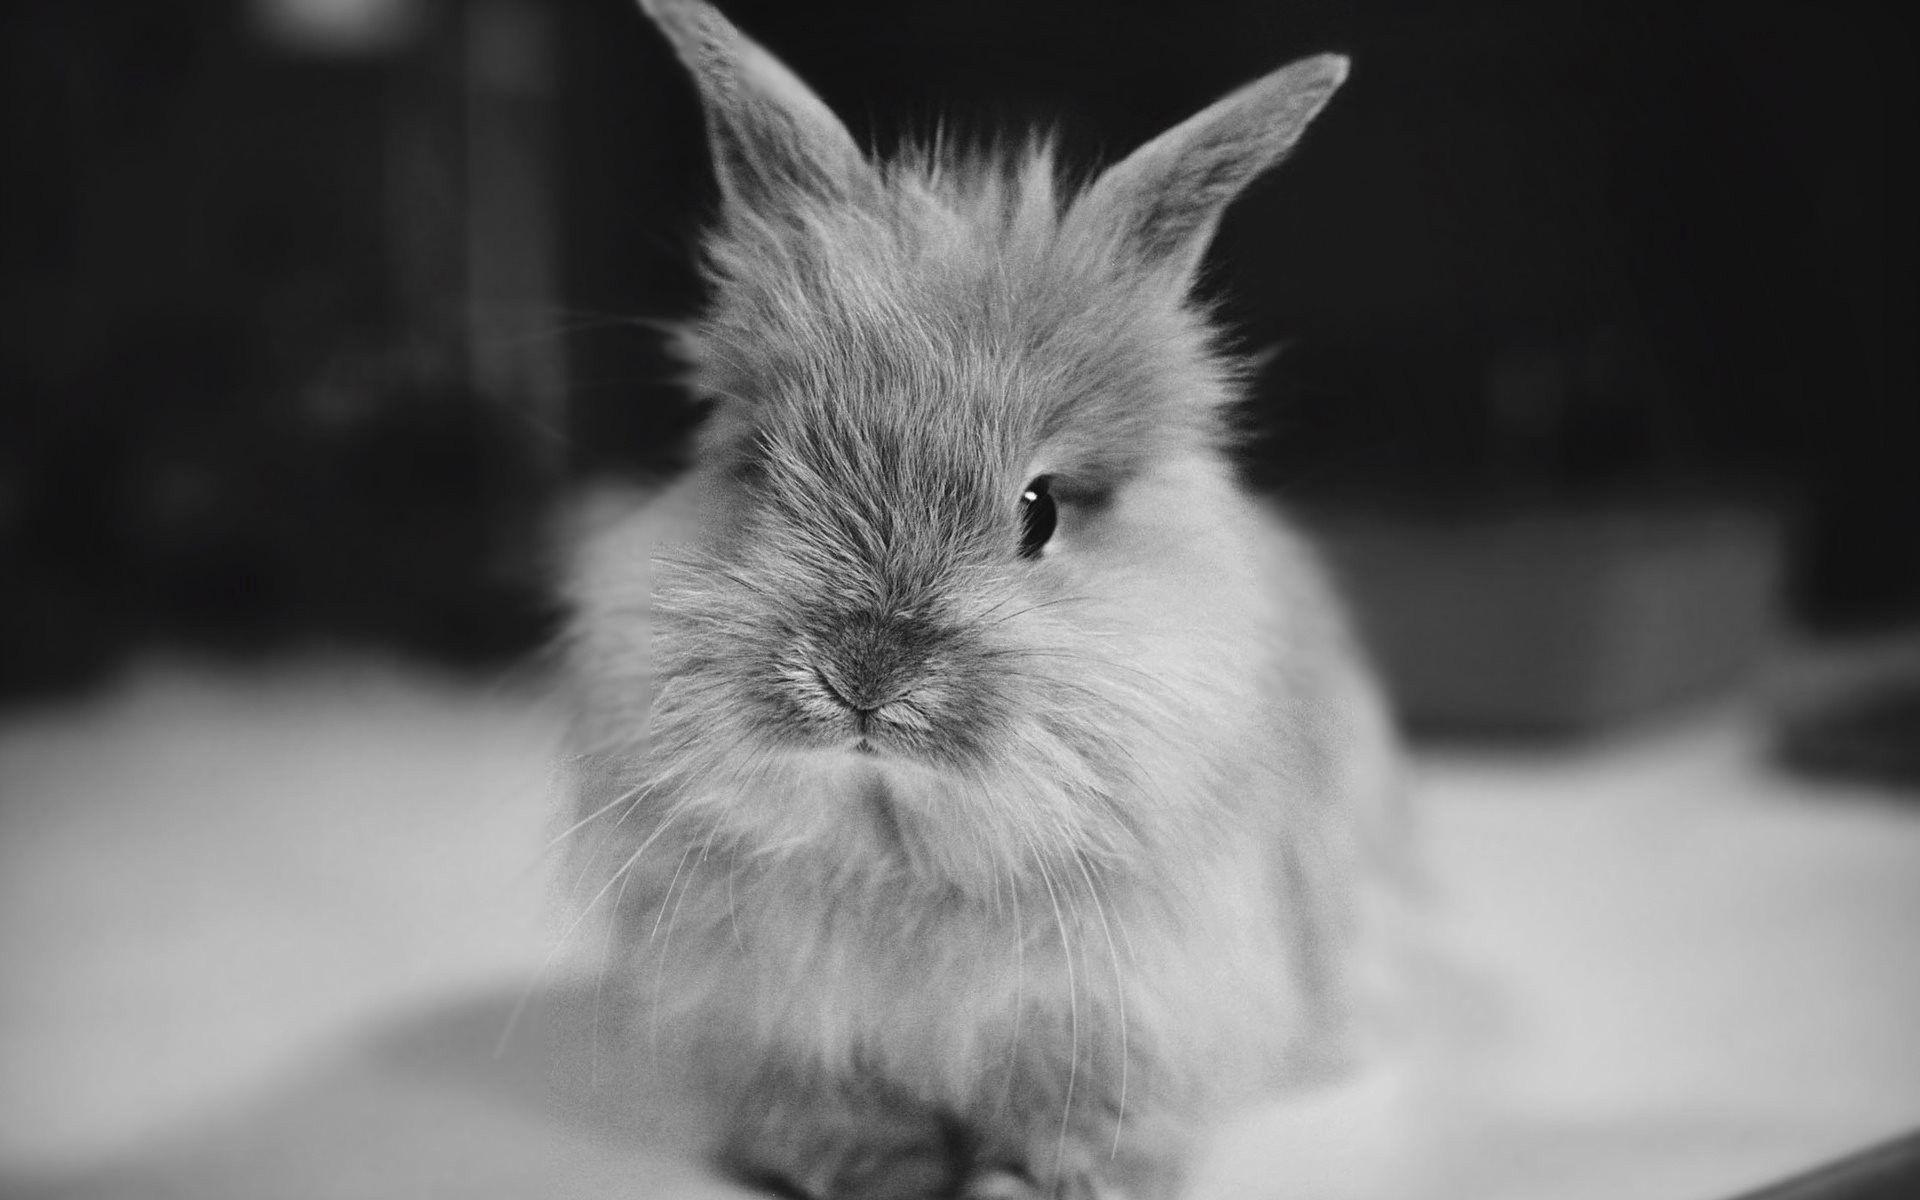 65400 Hintergrundbild herunterladen Kaninchen, Tiere, Flauschige, Bw, Chb, Klein - Bildschirmschoner und Bilder kostenlos